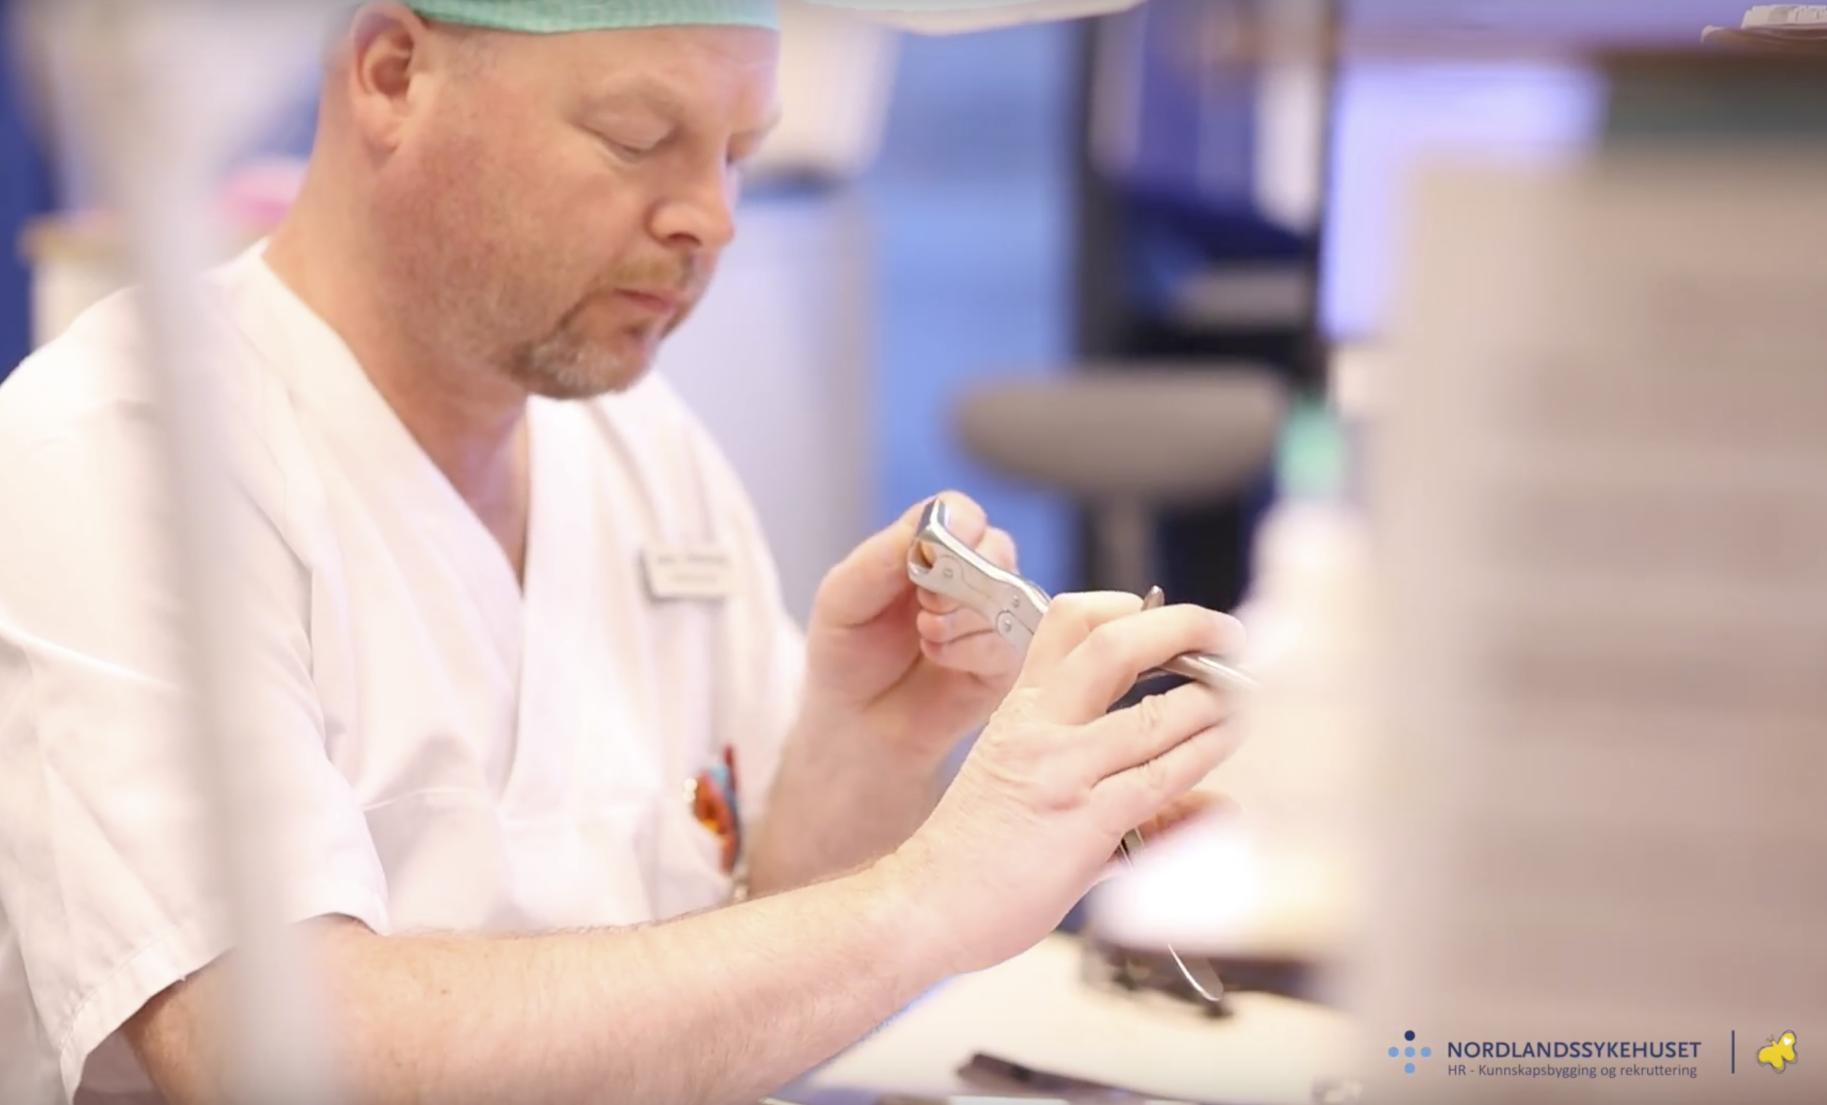 Arbeider ved sterilsentralen hos Nordlandssykehuset i Bodø sjekker kirurgisk utstyr etter vask